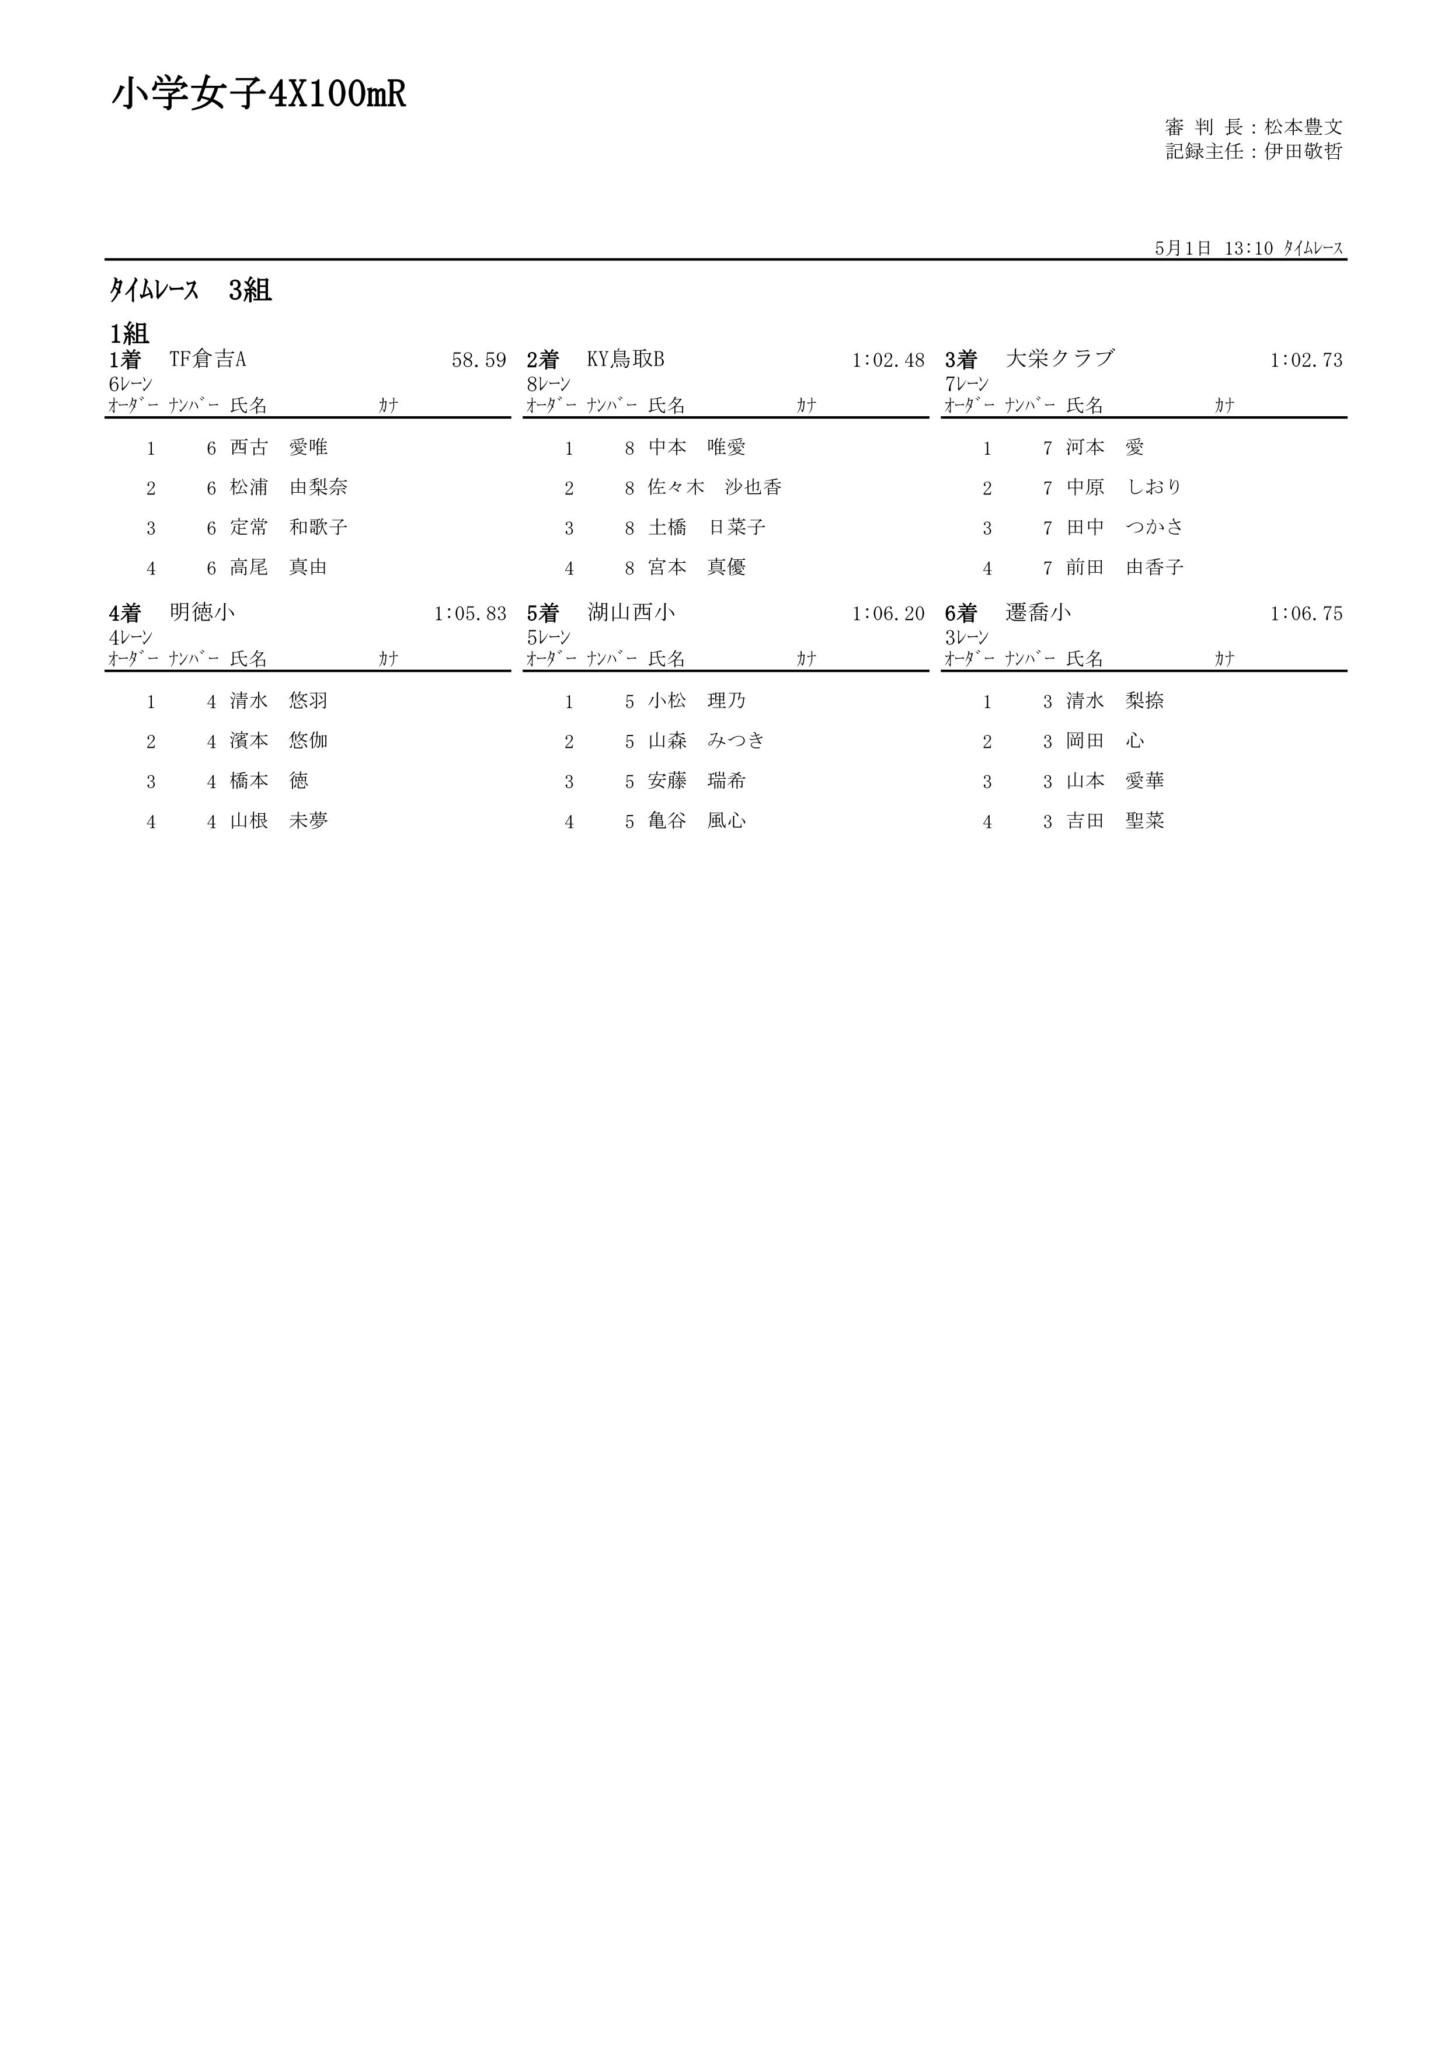 51小学女子4X100mR_01